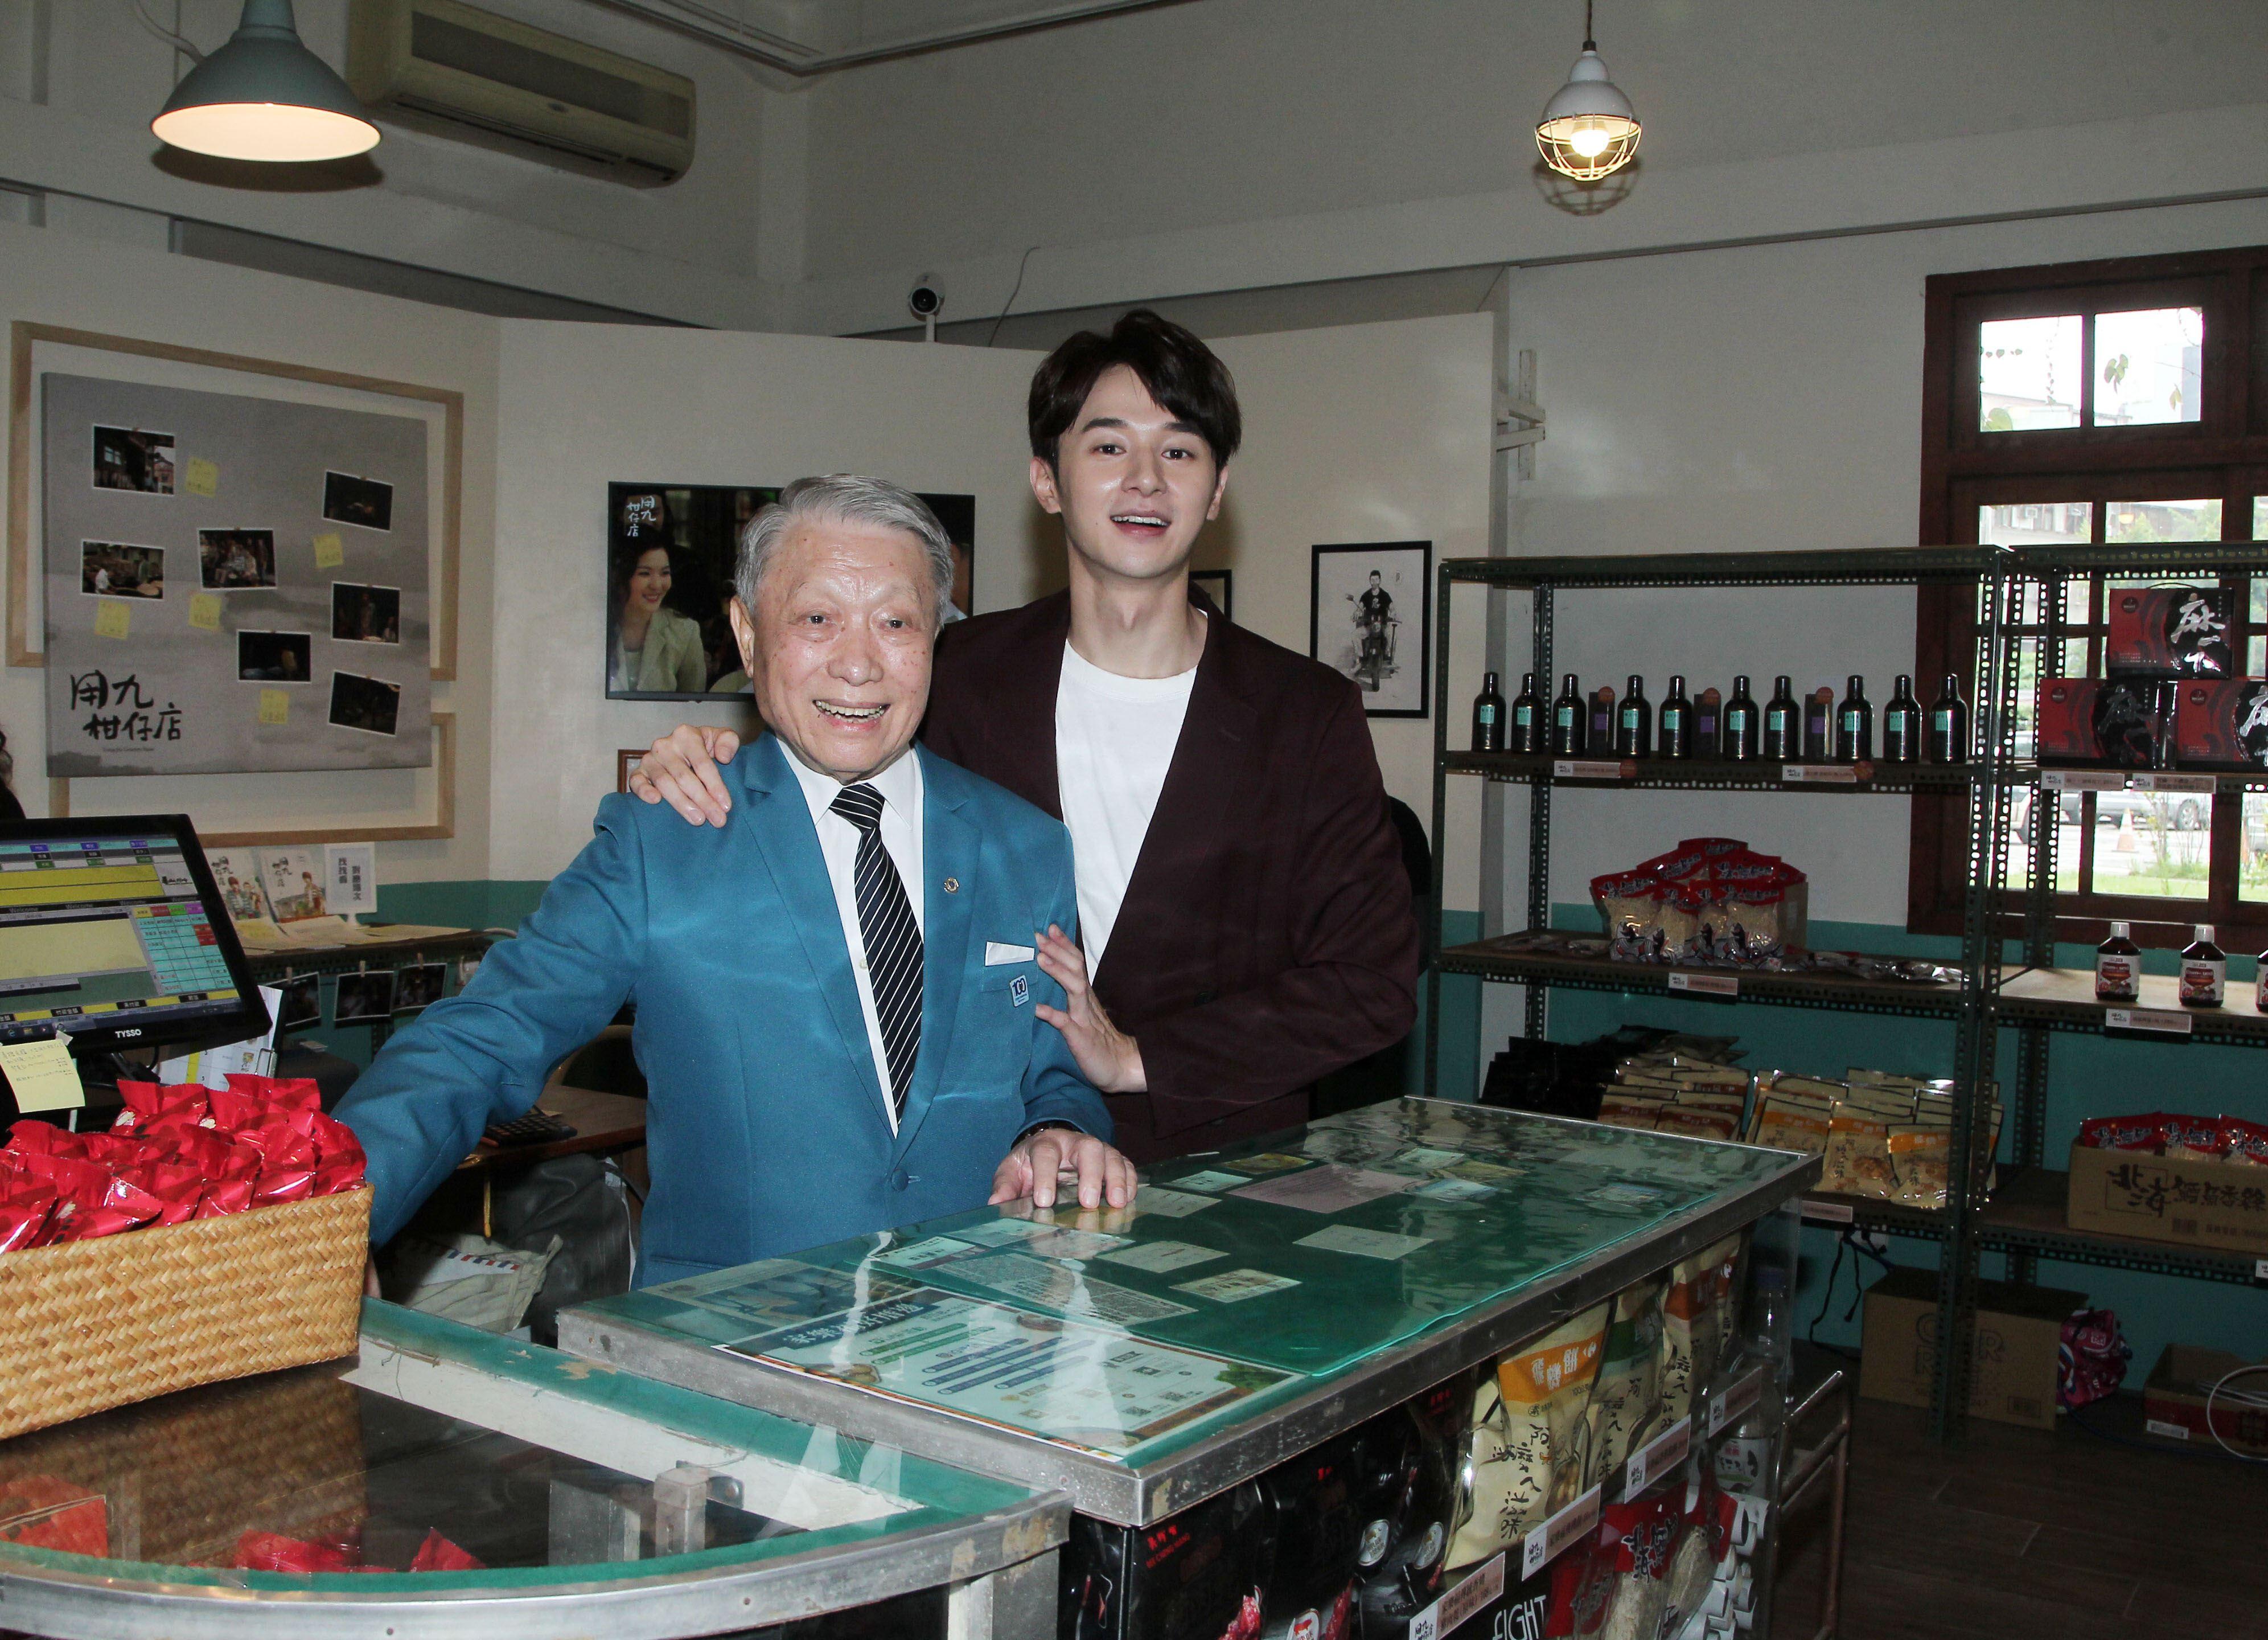 張軒睿和林義雄共同為「用九柑仔店」復刻快閃店在華山文創園區開幕。(記者邱榮吉/攝影)